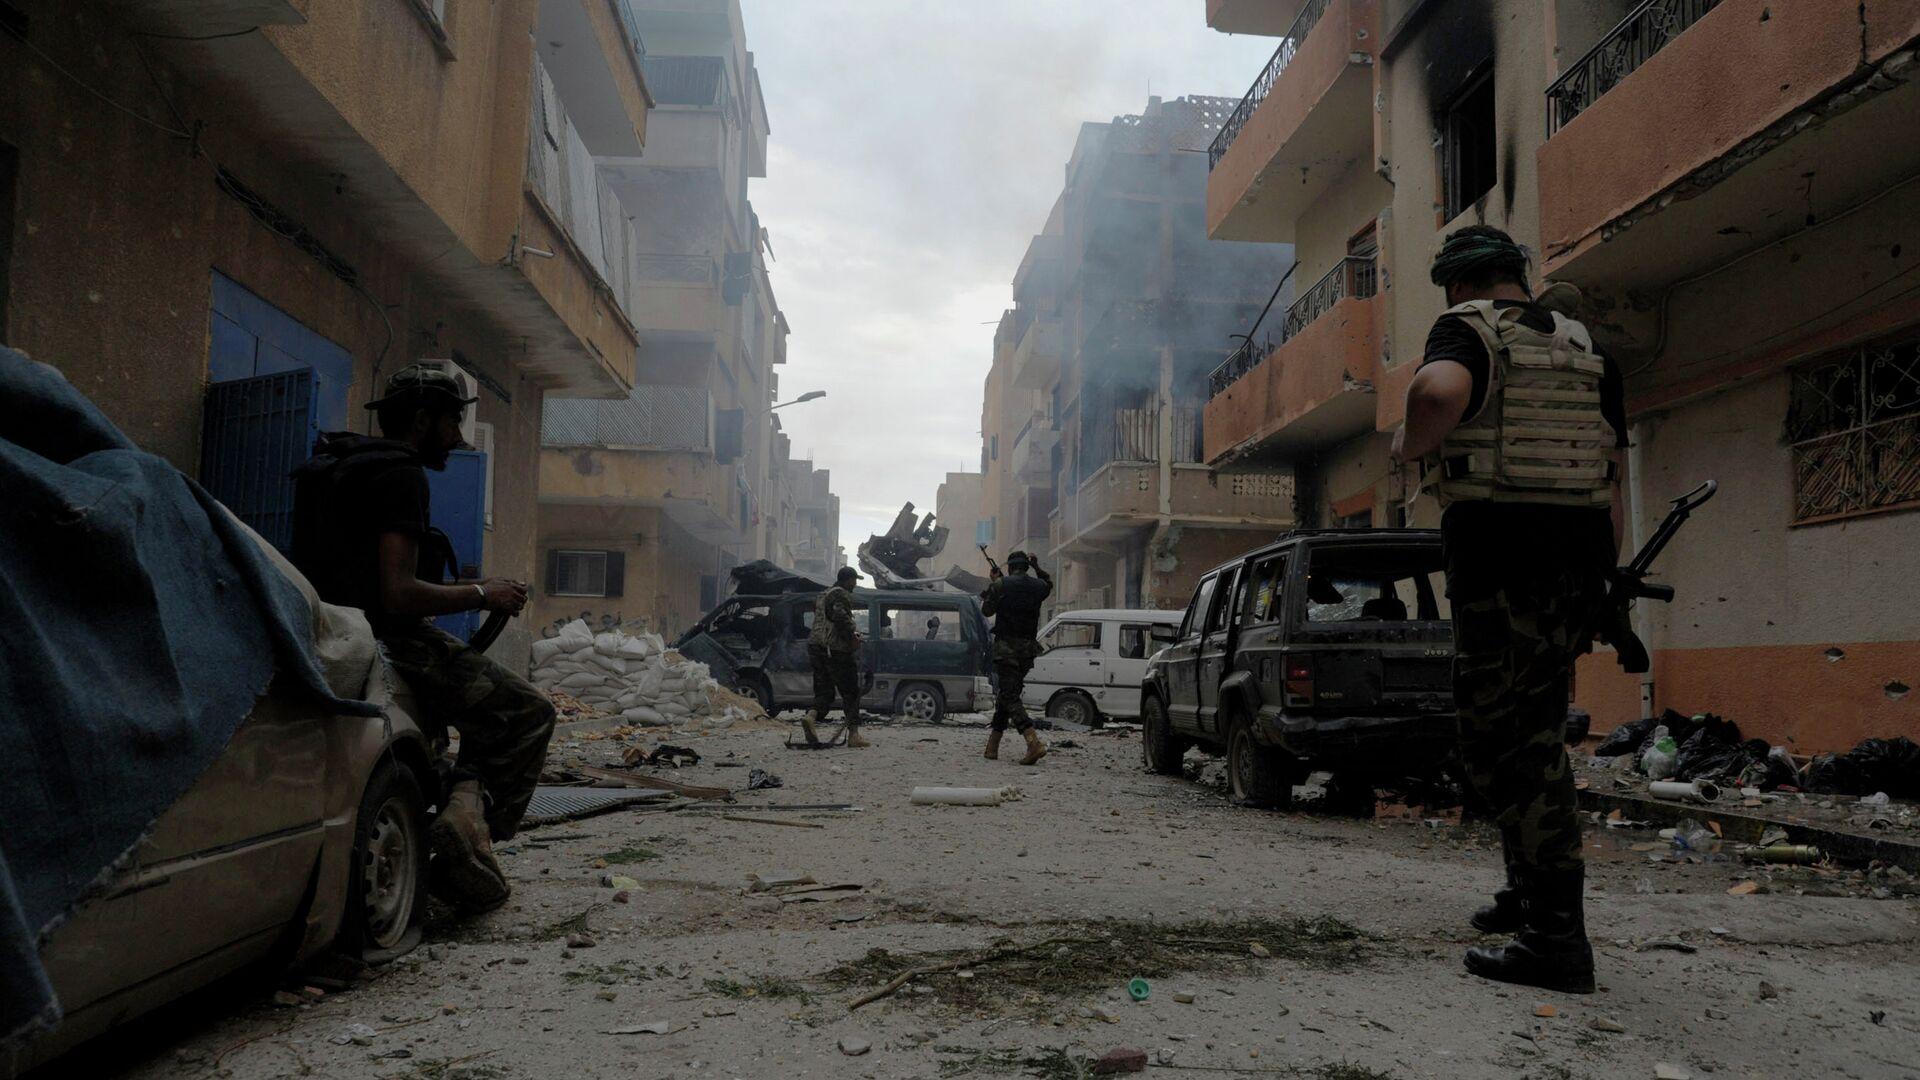 Libia hoy día ha dejado de existir como un país íntegro como resultado de la intervención de la OTAN en el conflicto interno de 2011. Actualmente su territorio se encuentra dividido entre autoridades impuestas desde el exterior, gobiernos autoproclamados y una serie de grupos extremistas. - Sputnik Mundo, 1920, 23.06.2021